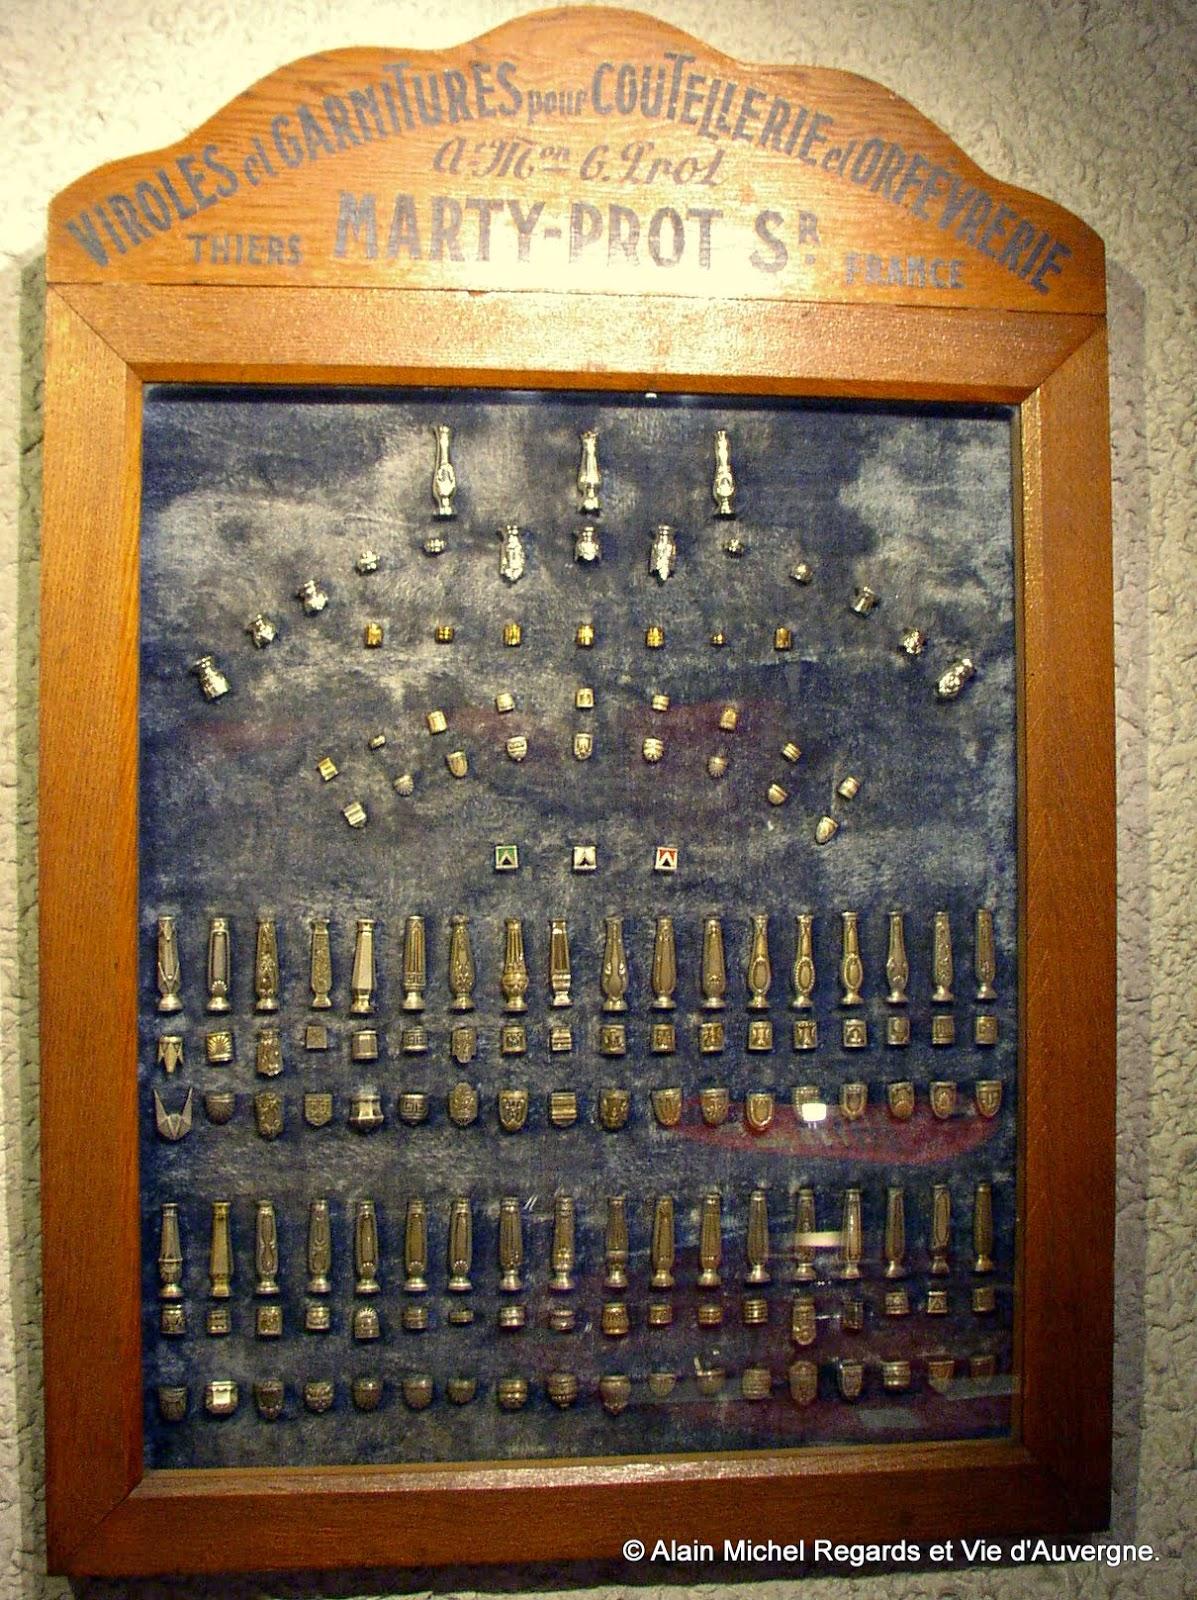 Bagues et viroles de couteaux anciens musée de la coutellerie de Thiers, Puy-de-Dôme.